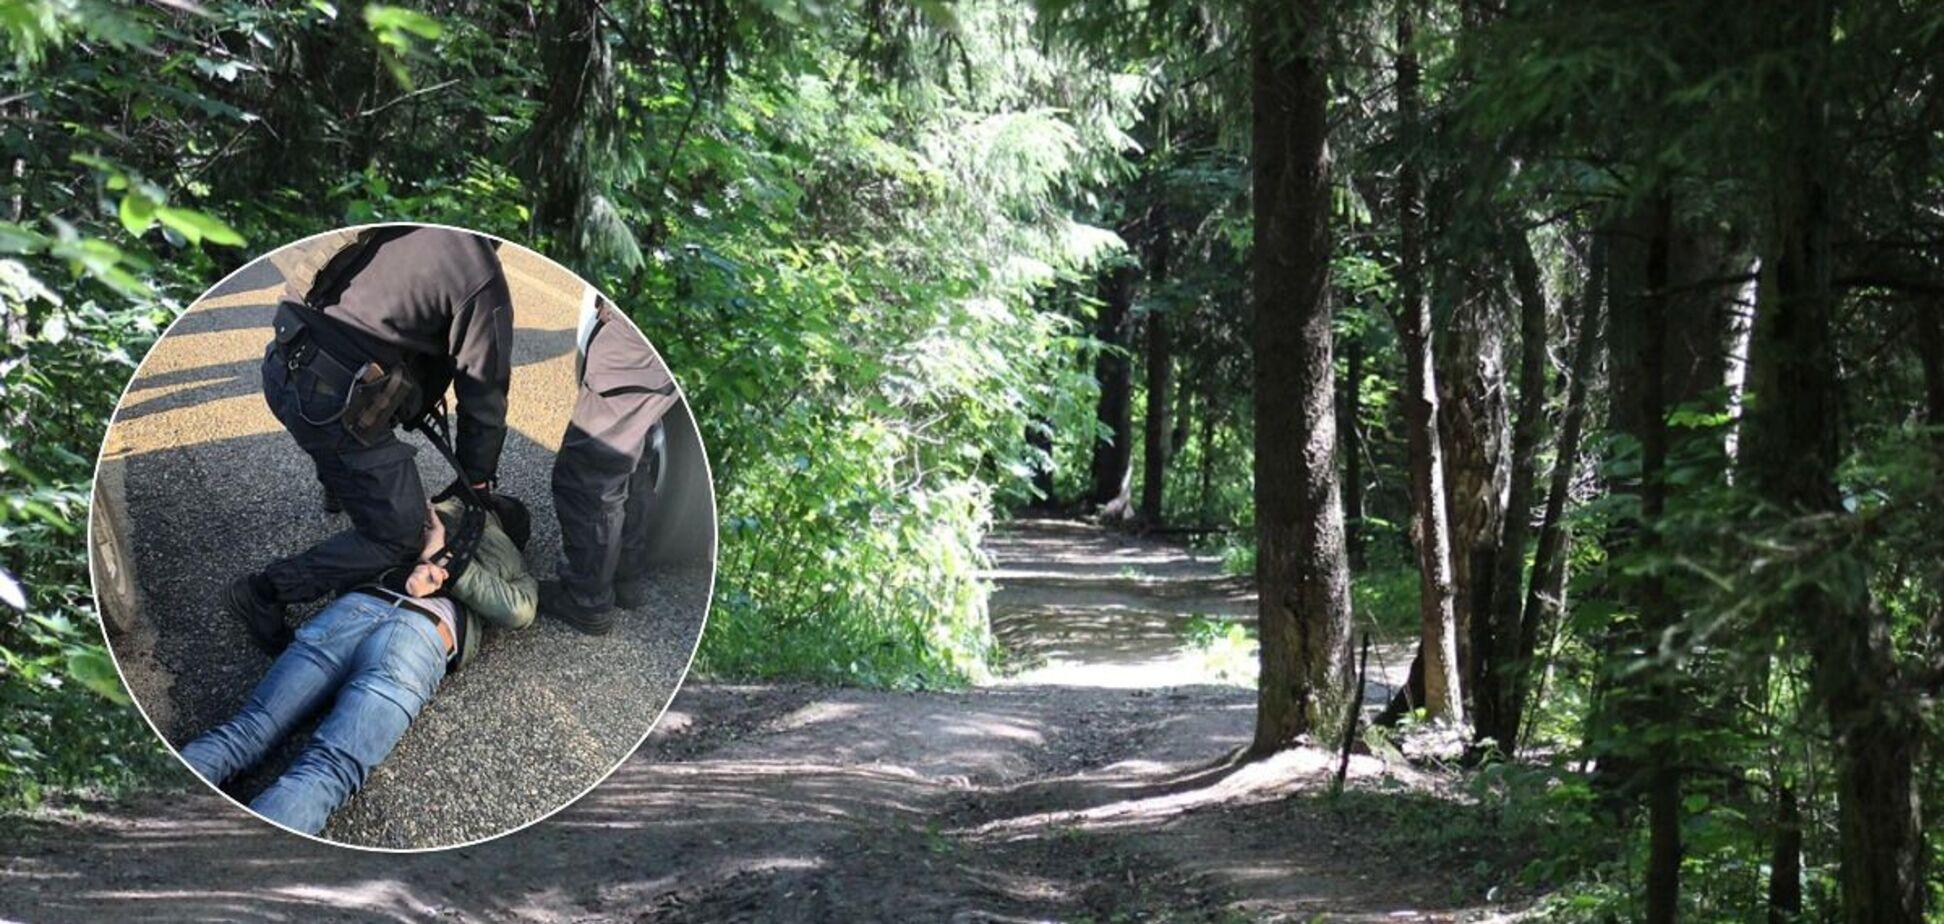 Трое мужчин вывезли прохожего в лес, раздели и избили до смерти